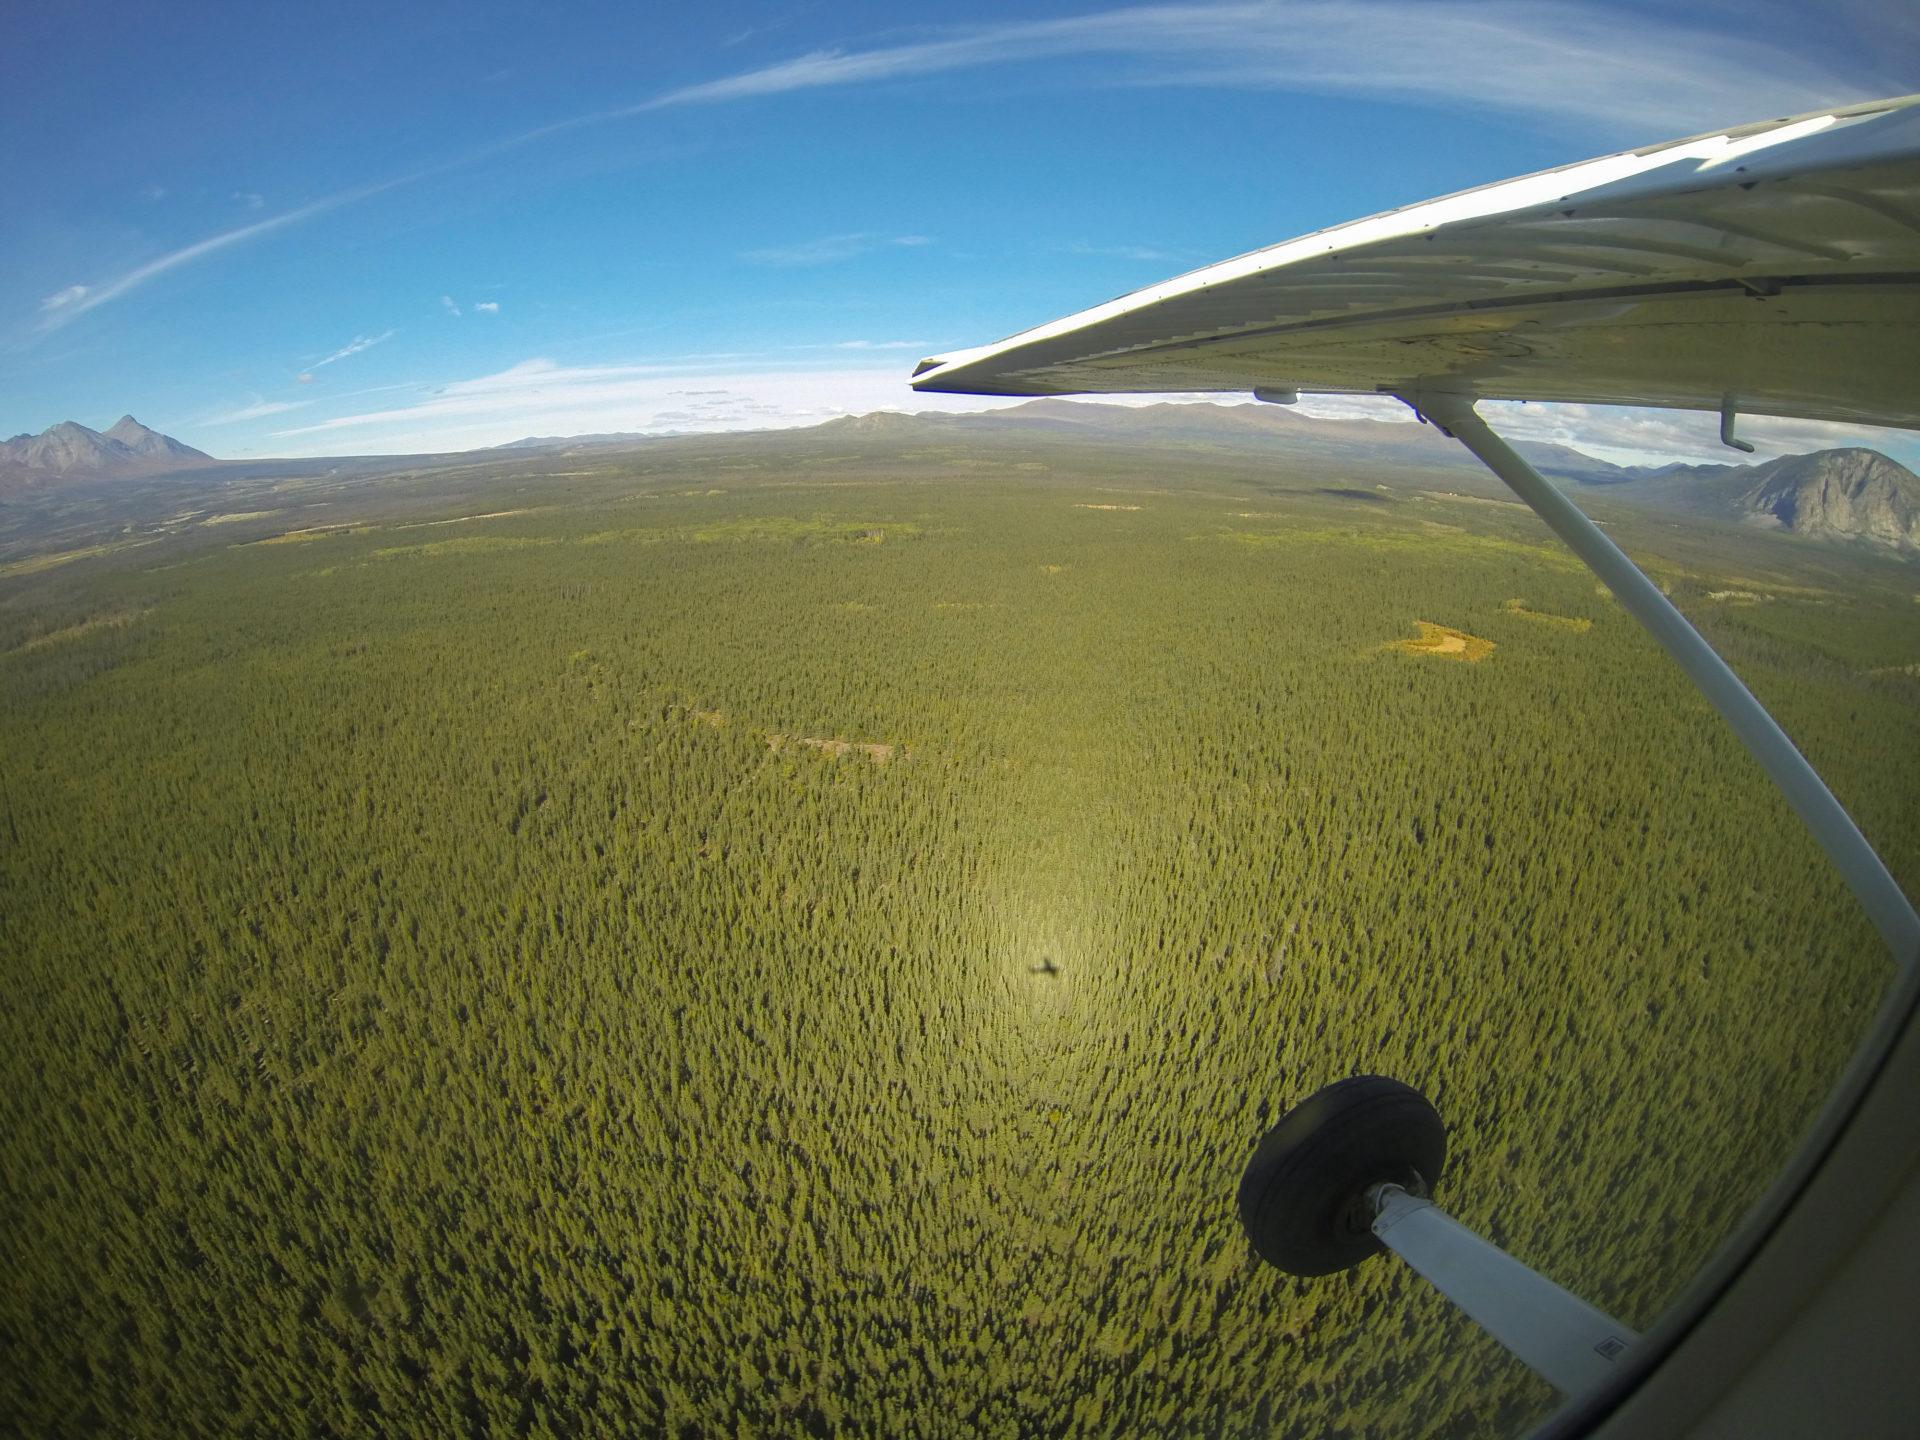 Schatten eines Sportflugzeugs über dem urwald im kanadischen Yukon